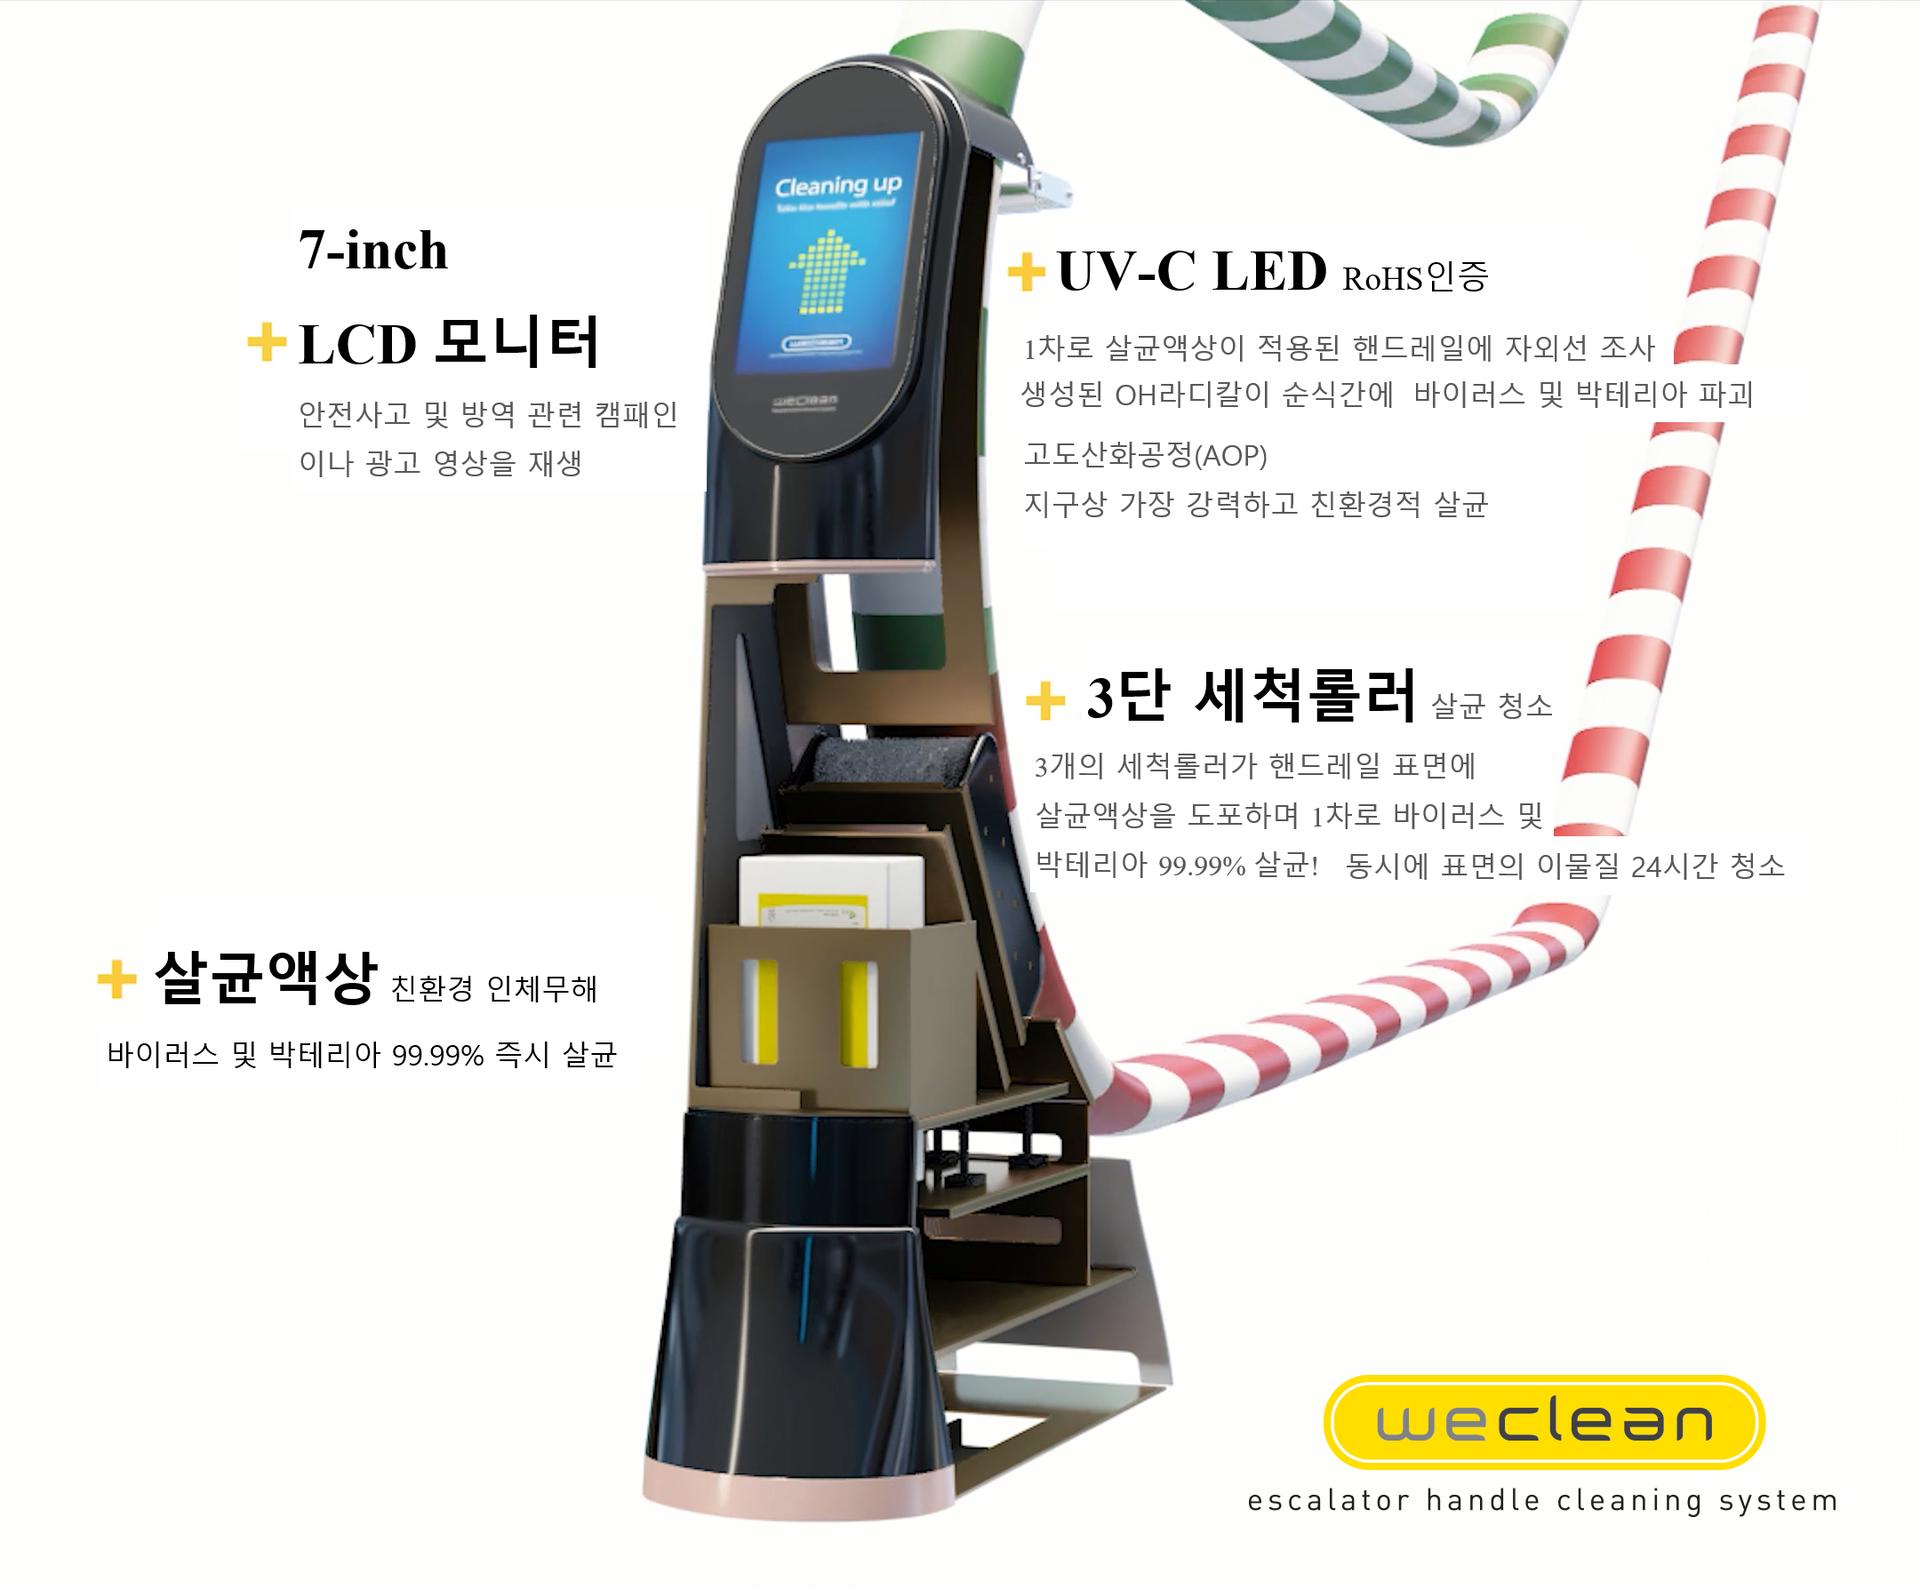 에스컬레이터 손잡이(핸드레일) 전용 살균 소독 청소기, 위클린의 특징